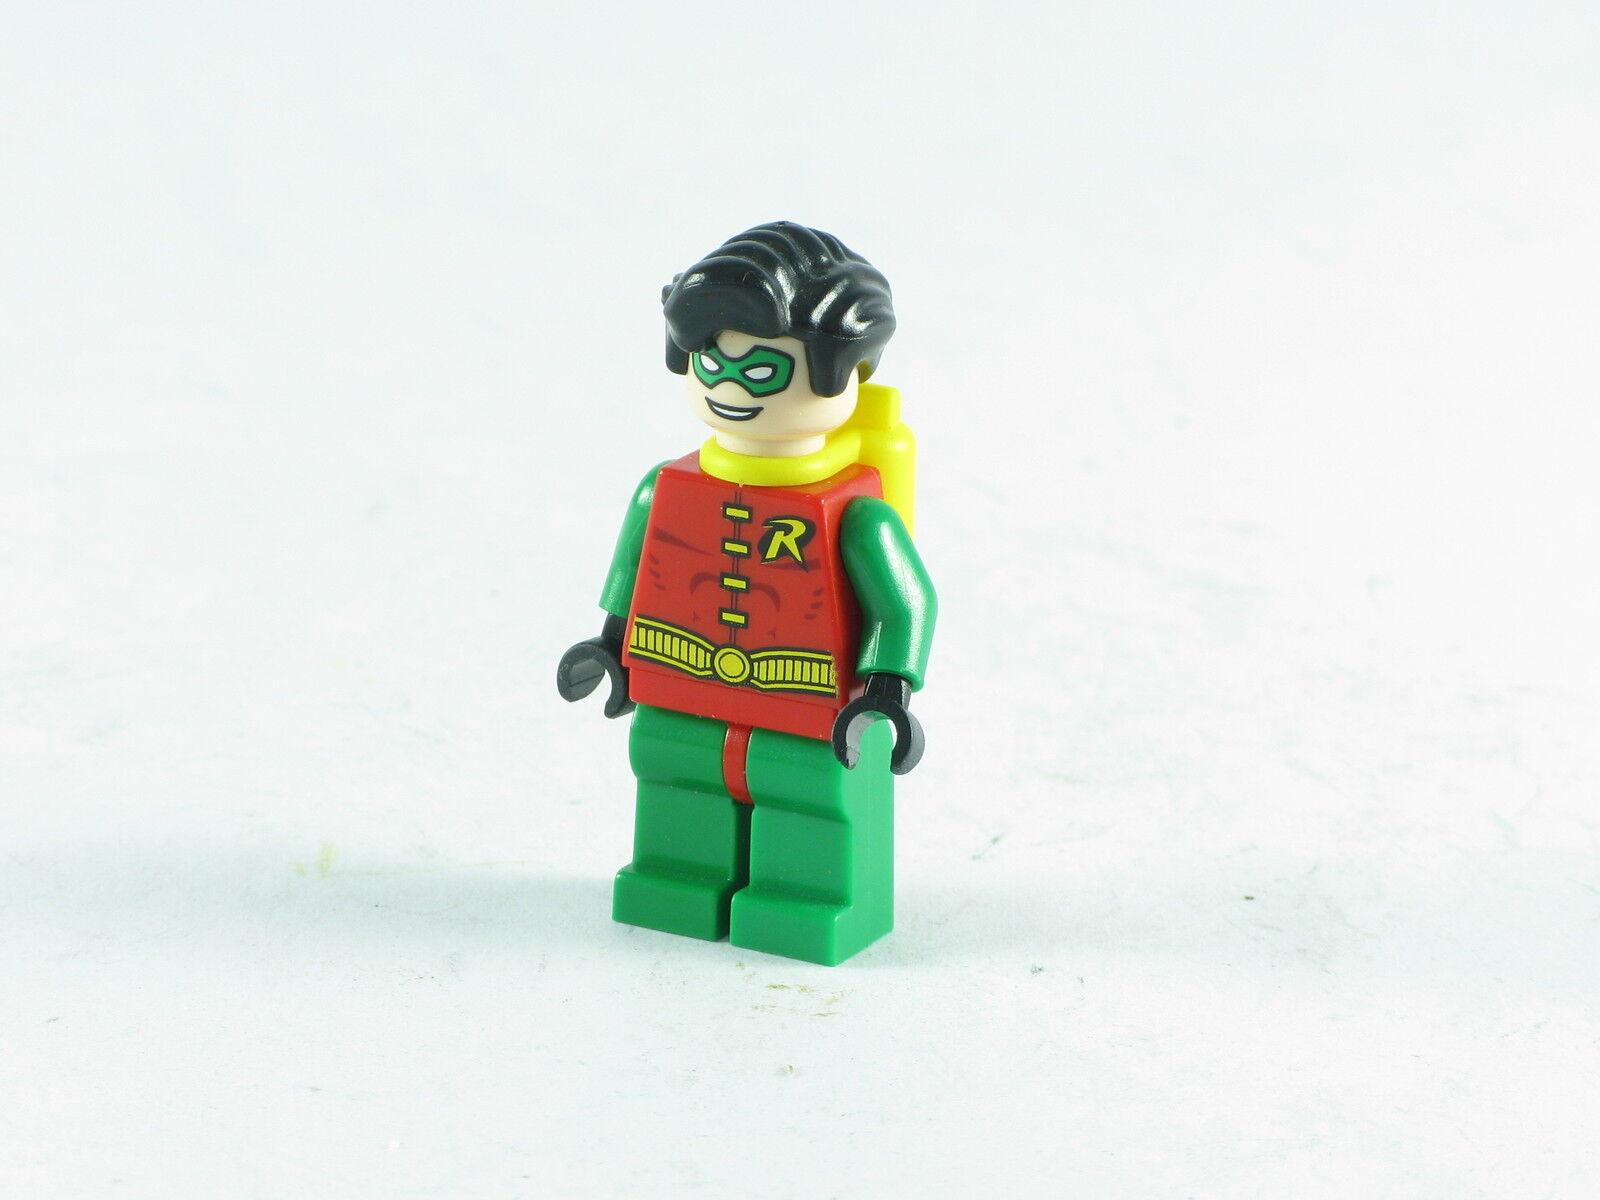 Lego Batman Robin Mint Minifigure Original No Cape, Not Super Heroes 7783